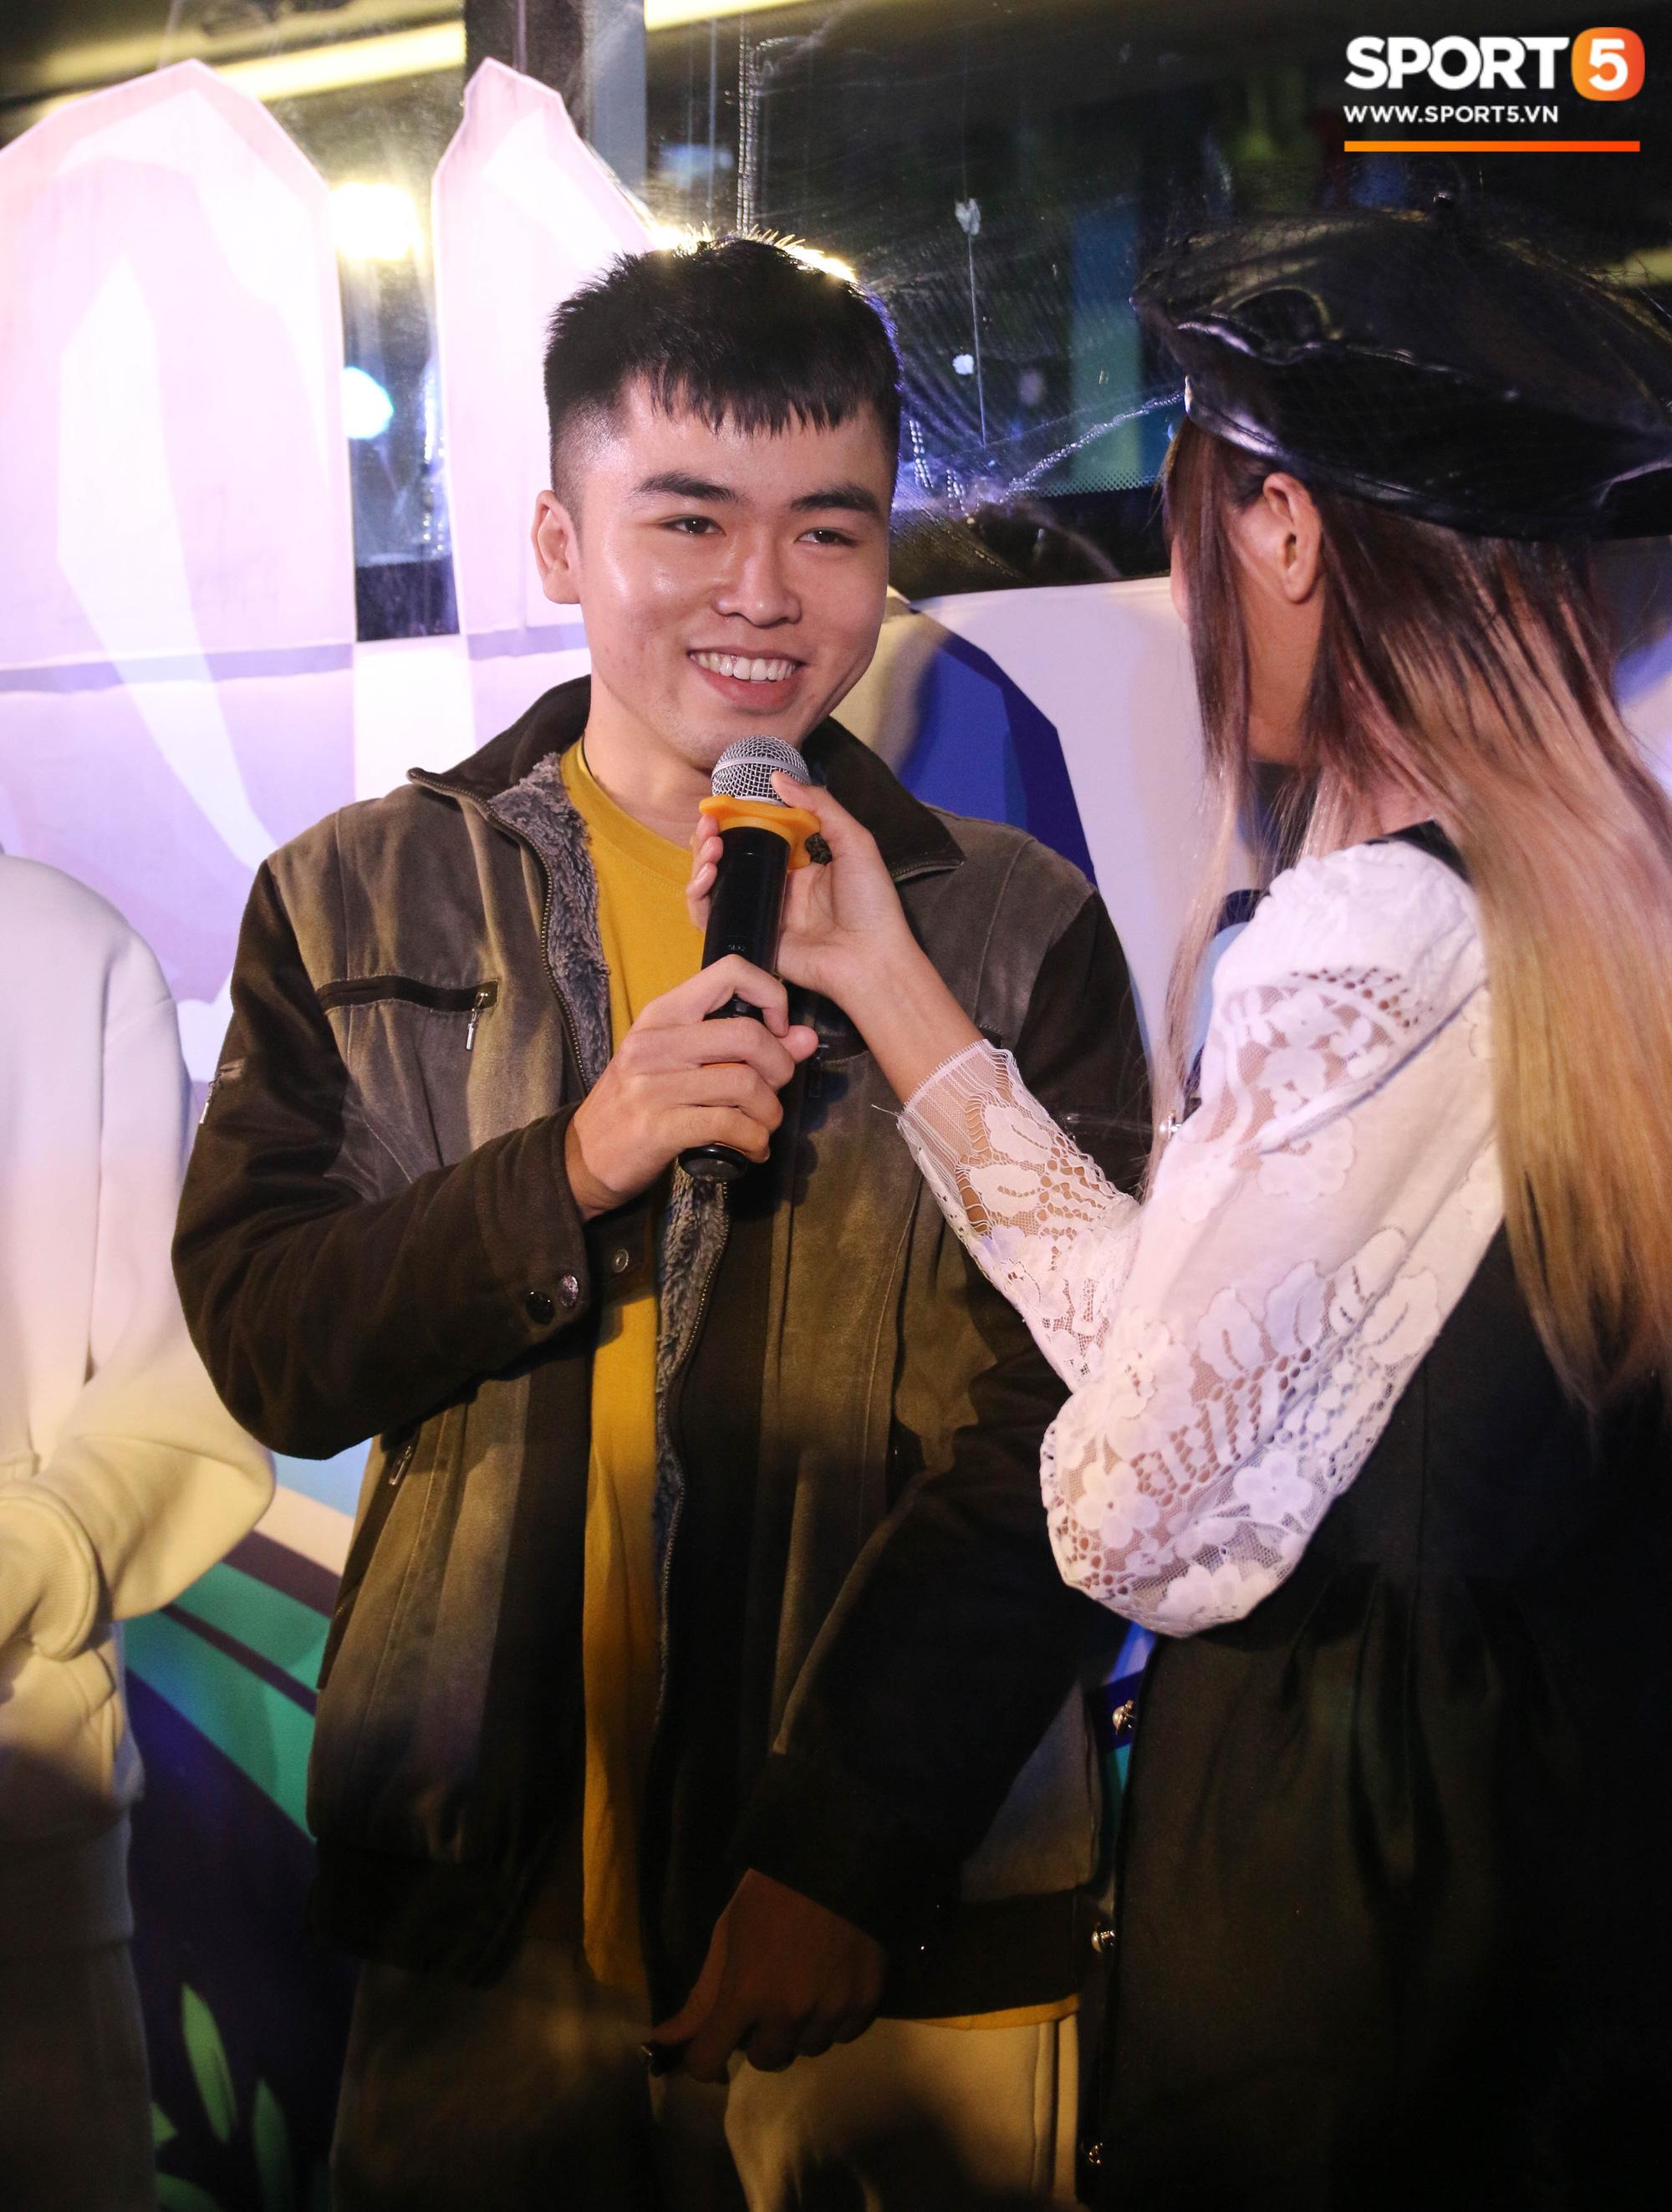 """Tham gia showmatch Tốc Chiến, cặp đôi Bomman - Minh Nghi ăn no hành vì """"imposter"""" Minas cùng bạn gái - Ảnh 4."""